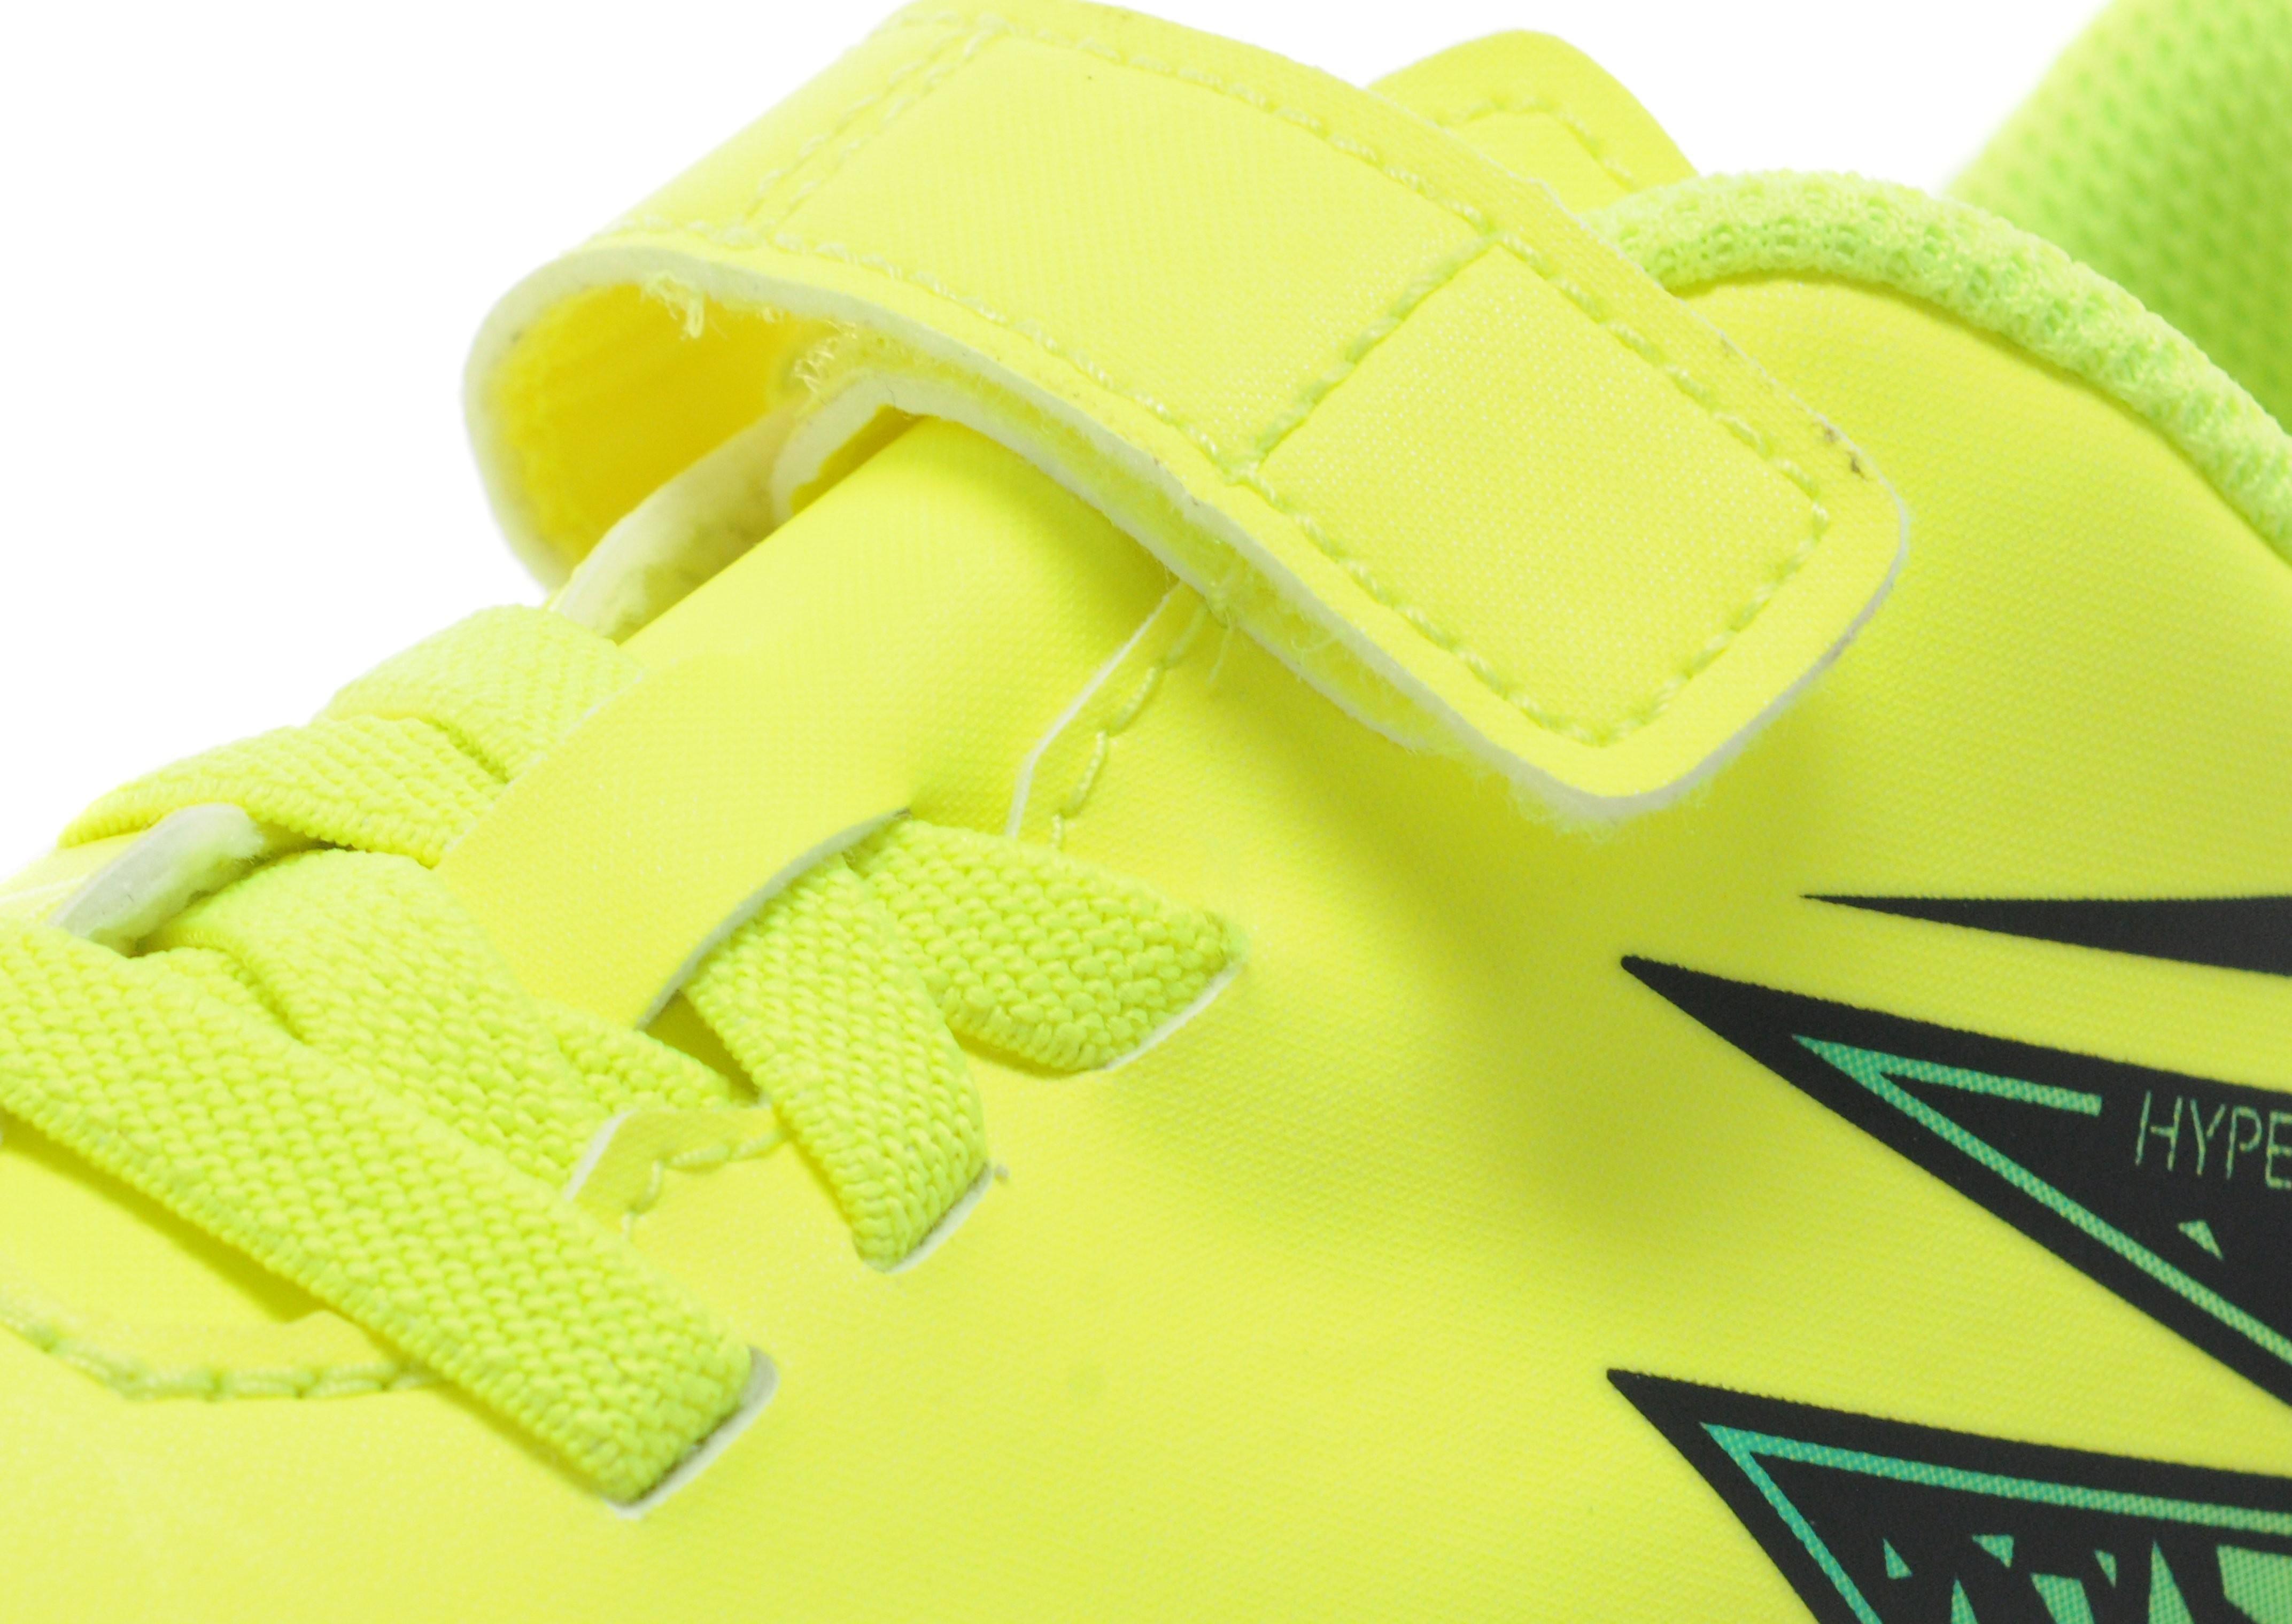 Nike Spark Brilliance Hypervenom Phade II FG Children